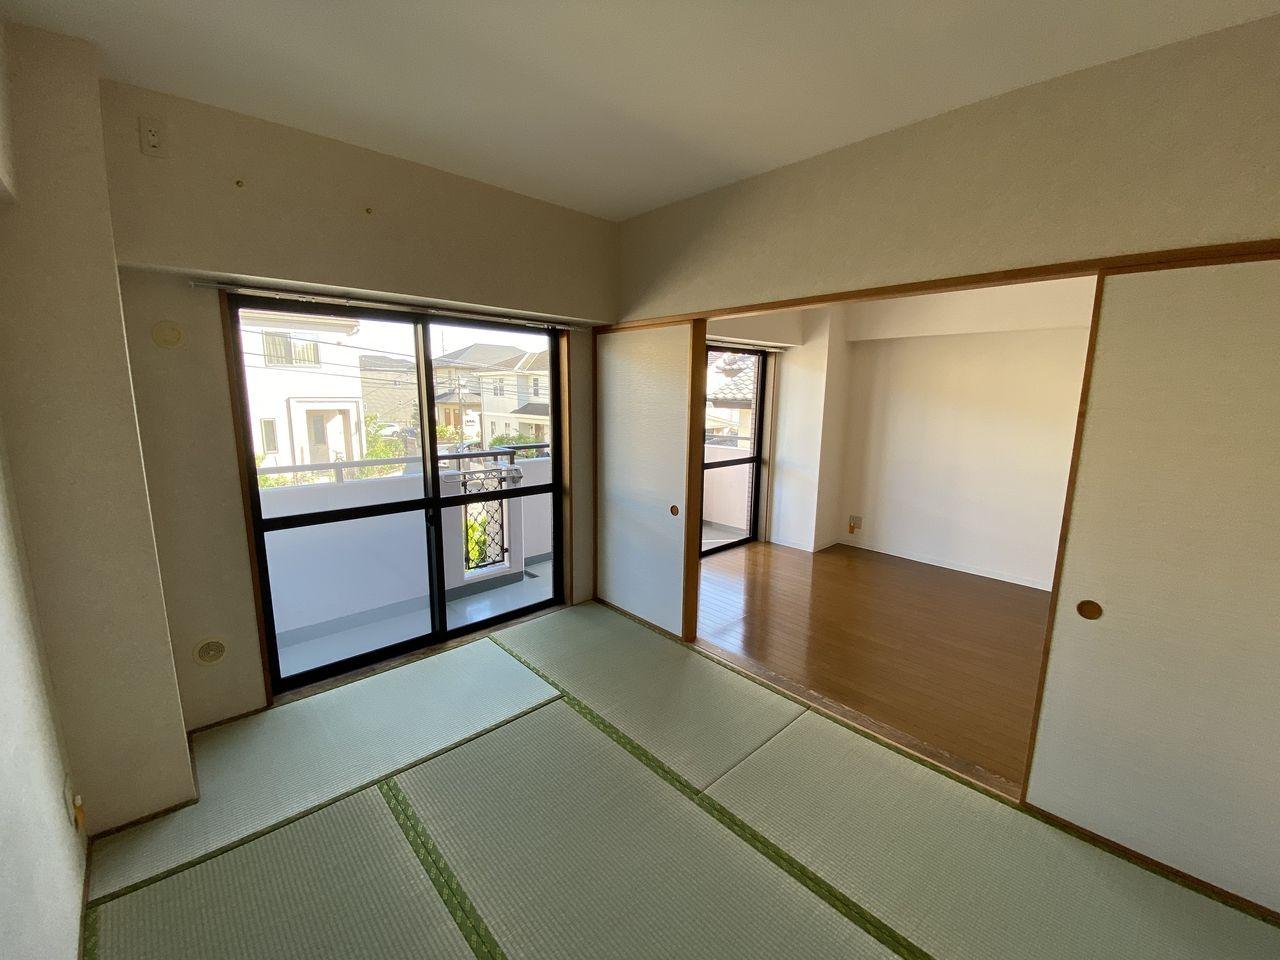 横浜市青葉区美しが丘4-22-5・「アドバンスヴィラ」201号室・和室